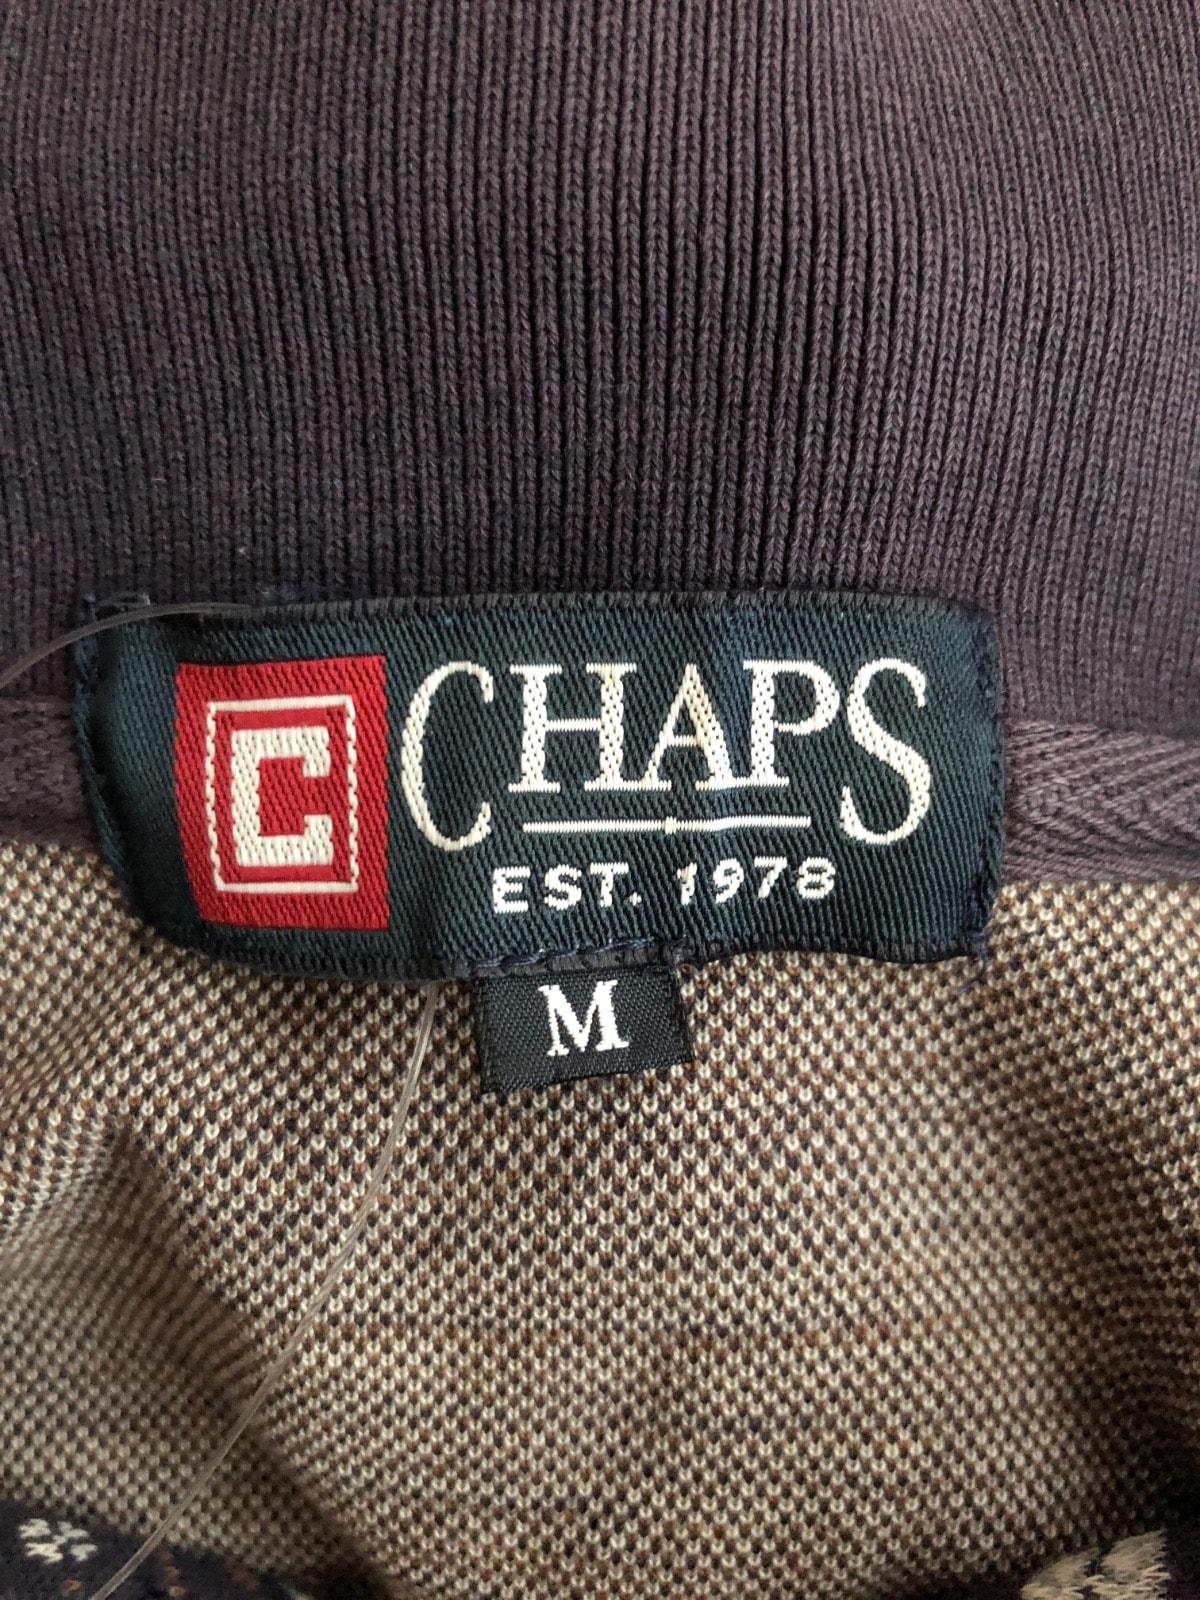 CHAPS(チャップス)のポロシャツ